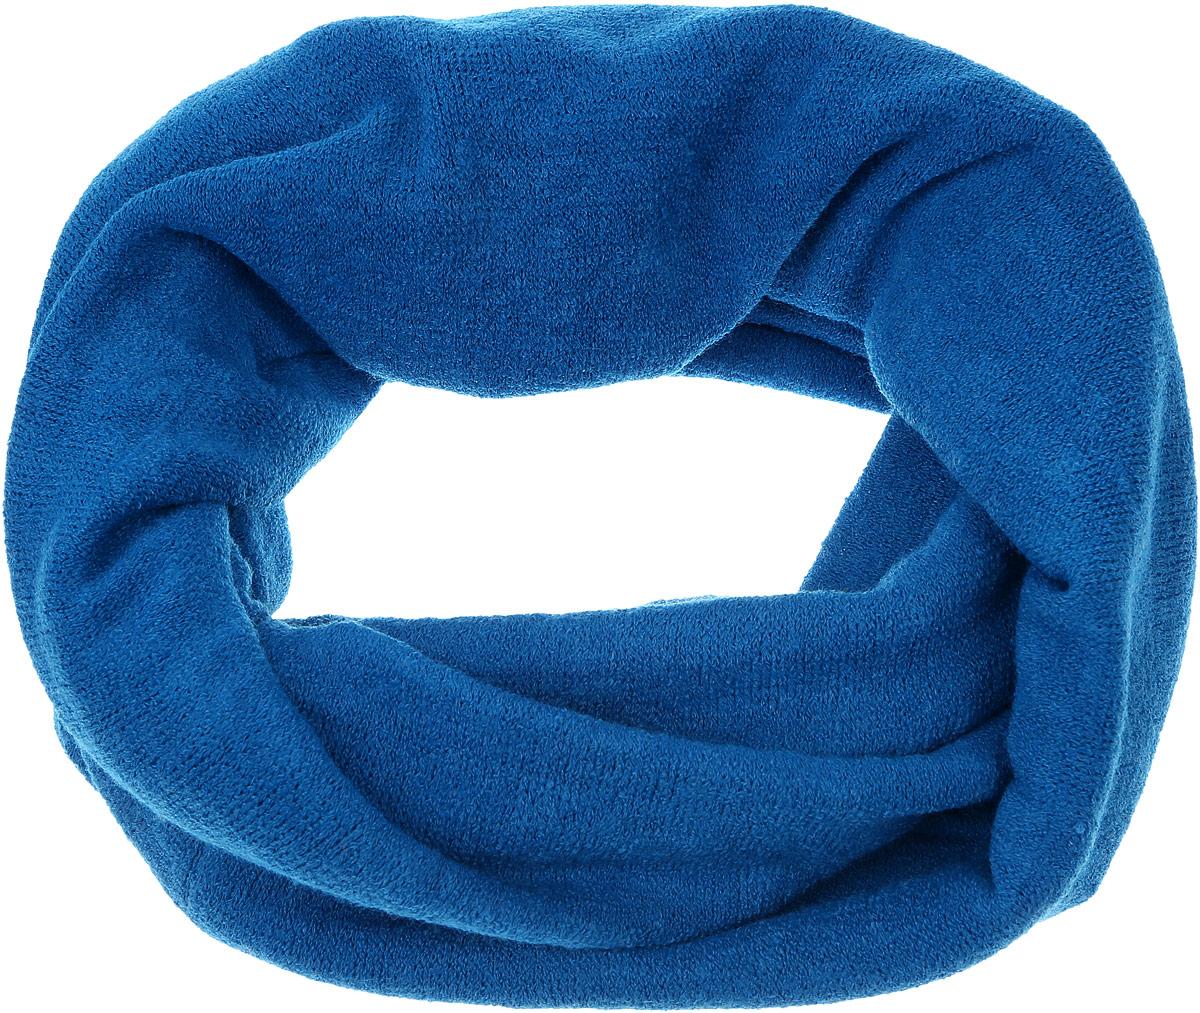 Снуд-хомут женский Vita Pelle, цвет: темно-синий. V2505-A48. Размер 32 см х 154 смV2505-A48Женский вязаный снуд-хомут Vita Pelle станет отличным дополнением к гардеробу в холодную погоду. Изготовленный из высококачественной комбинированной пряжи, он необычайно мягкий и приятный на ощупь, максимально сохраняет тепло.Шарф-снуд мелкой вязки гармонично дополнит образ современной женщины, следящей за своим имиджем и стремящейся всегда оставаться стильной.